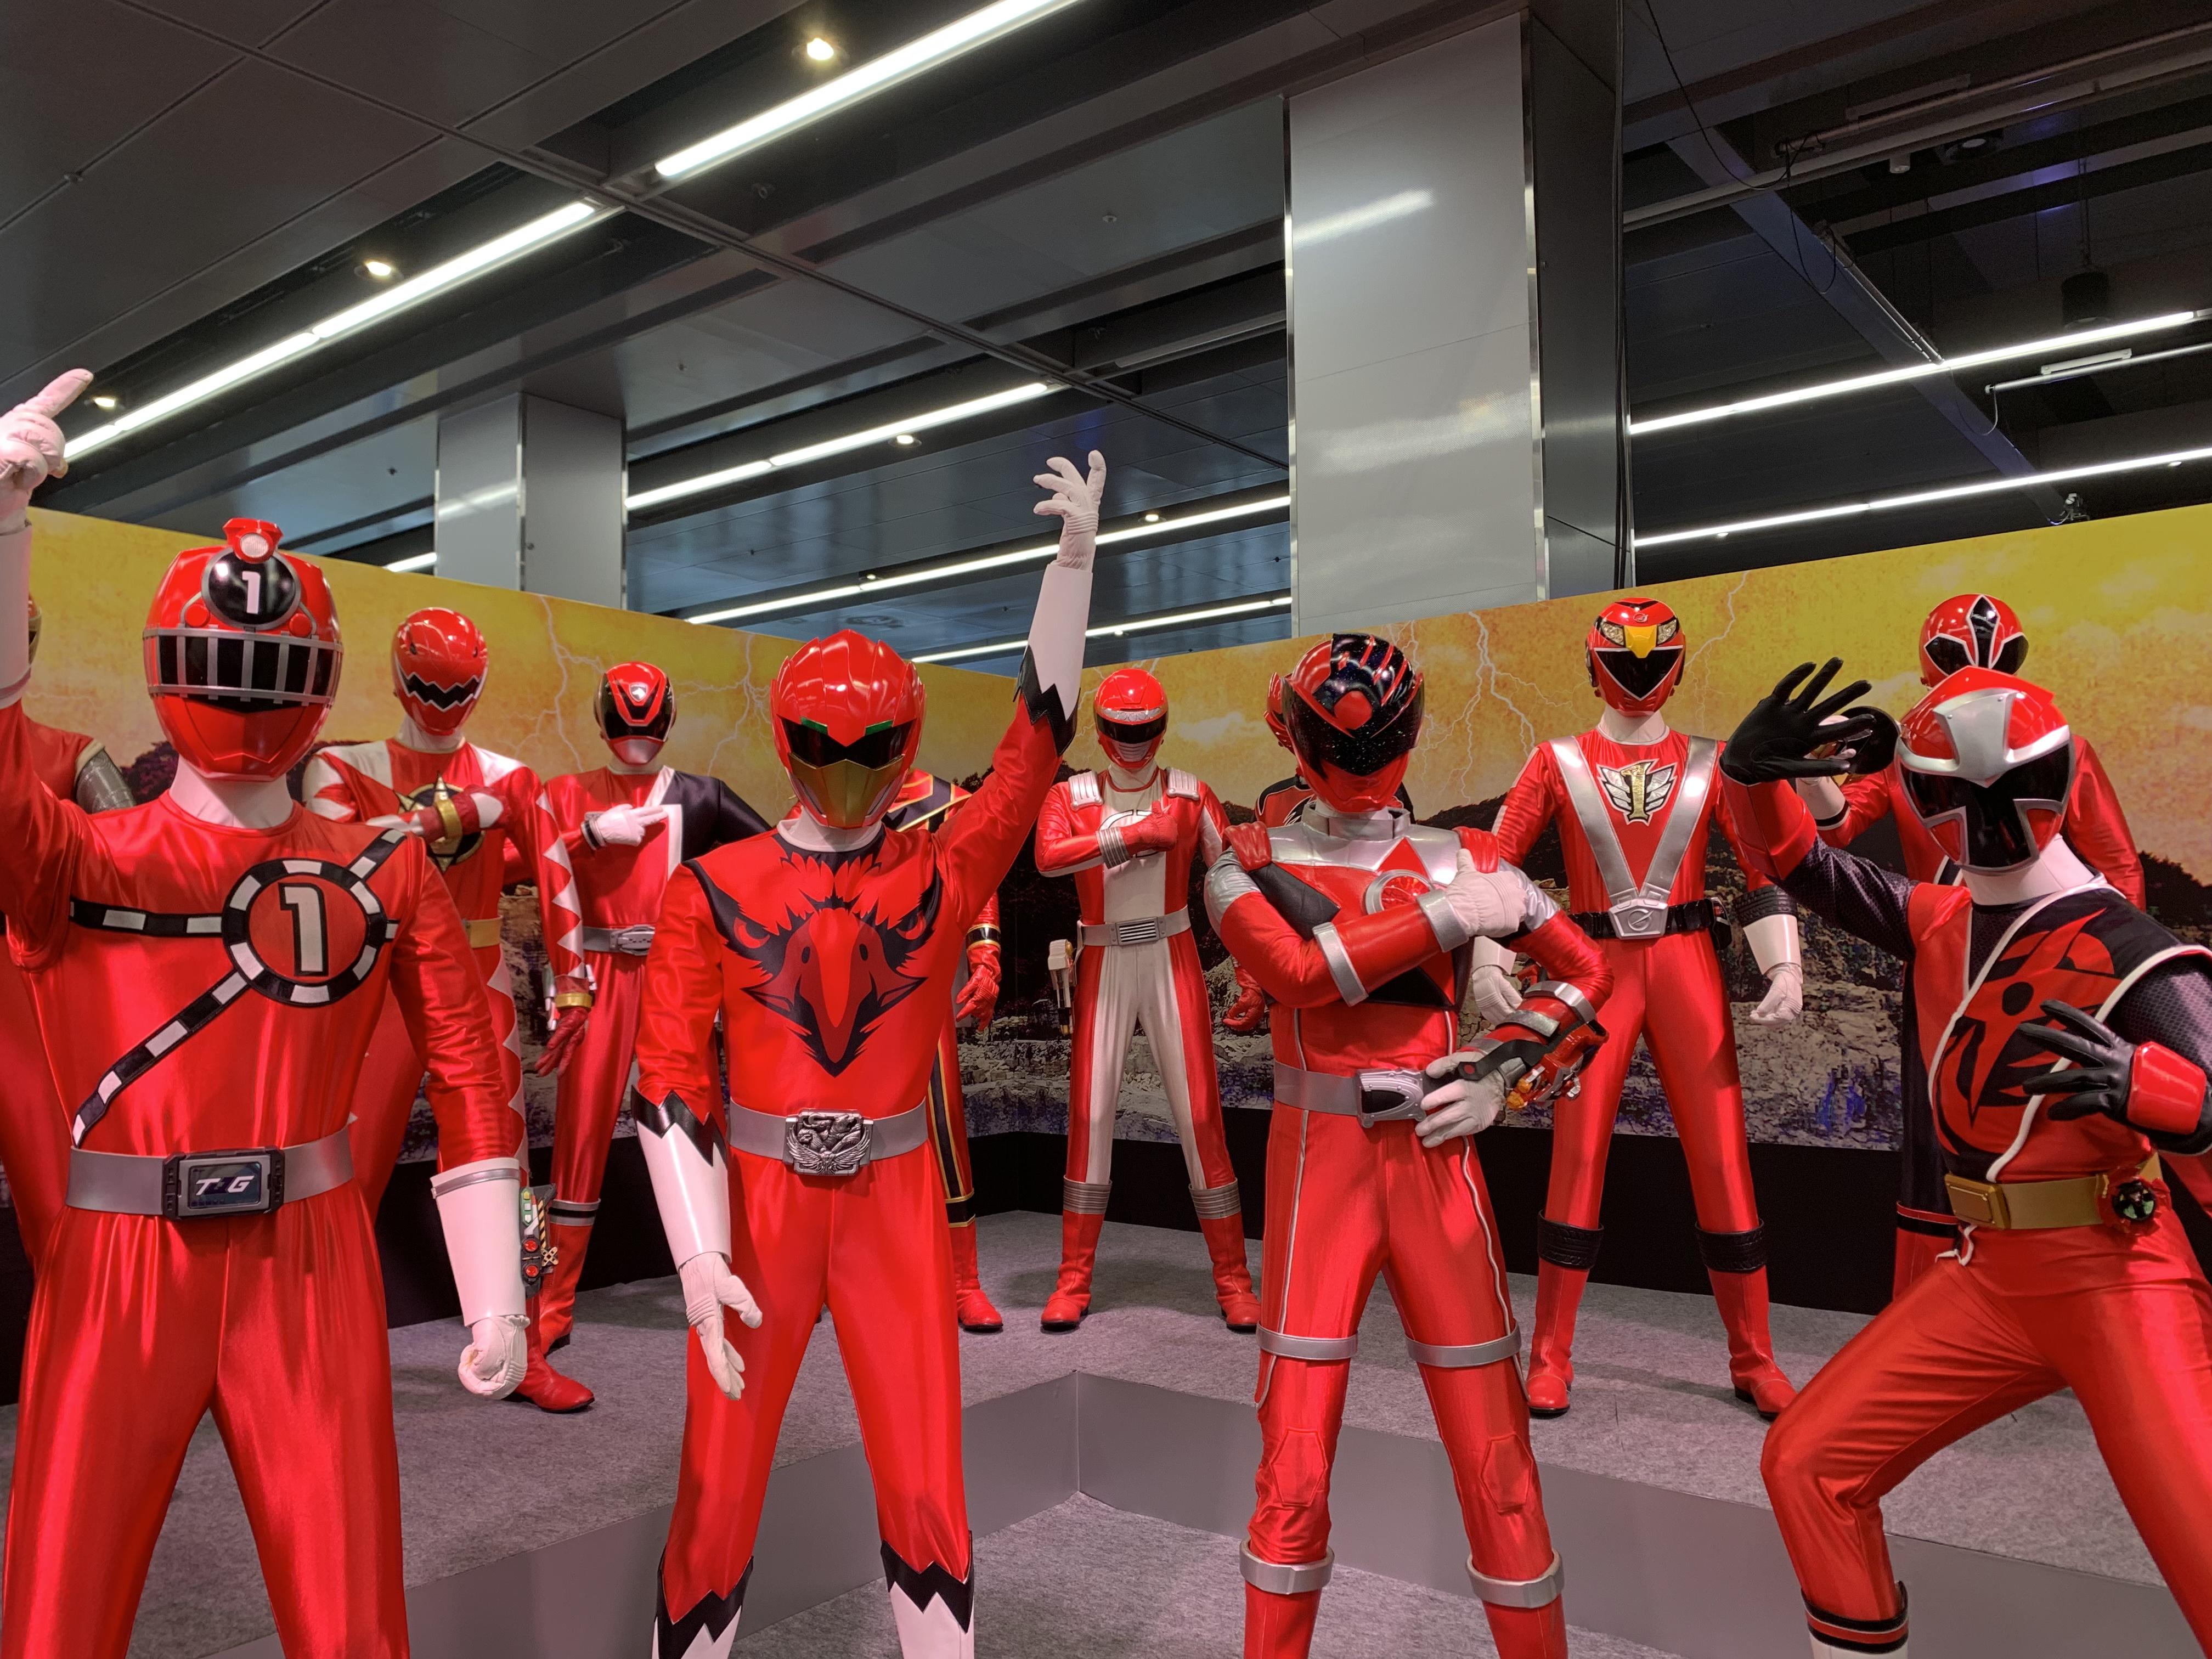 歴代のスーパーヒーロー戦隊の立像